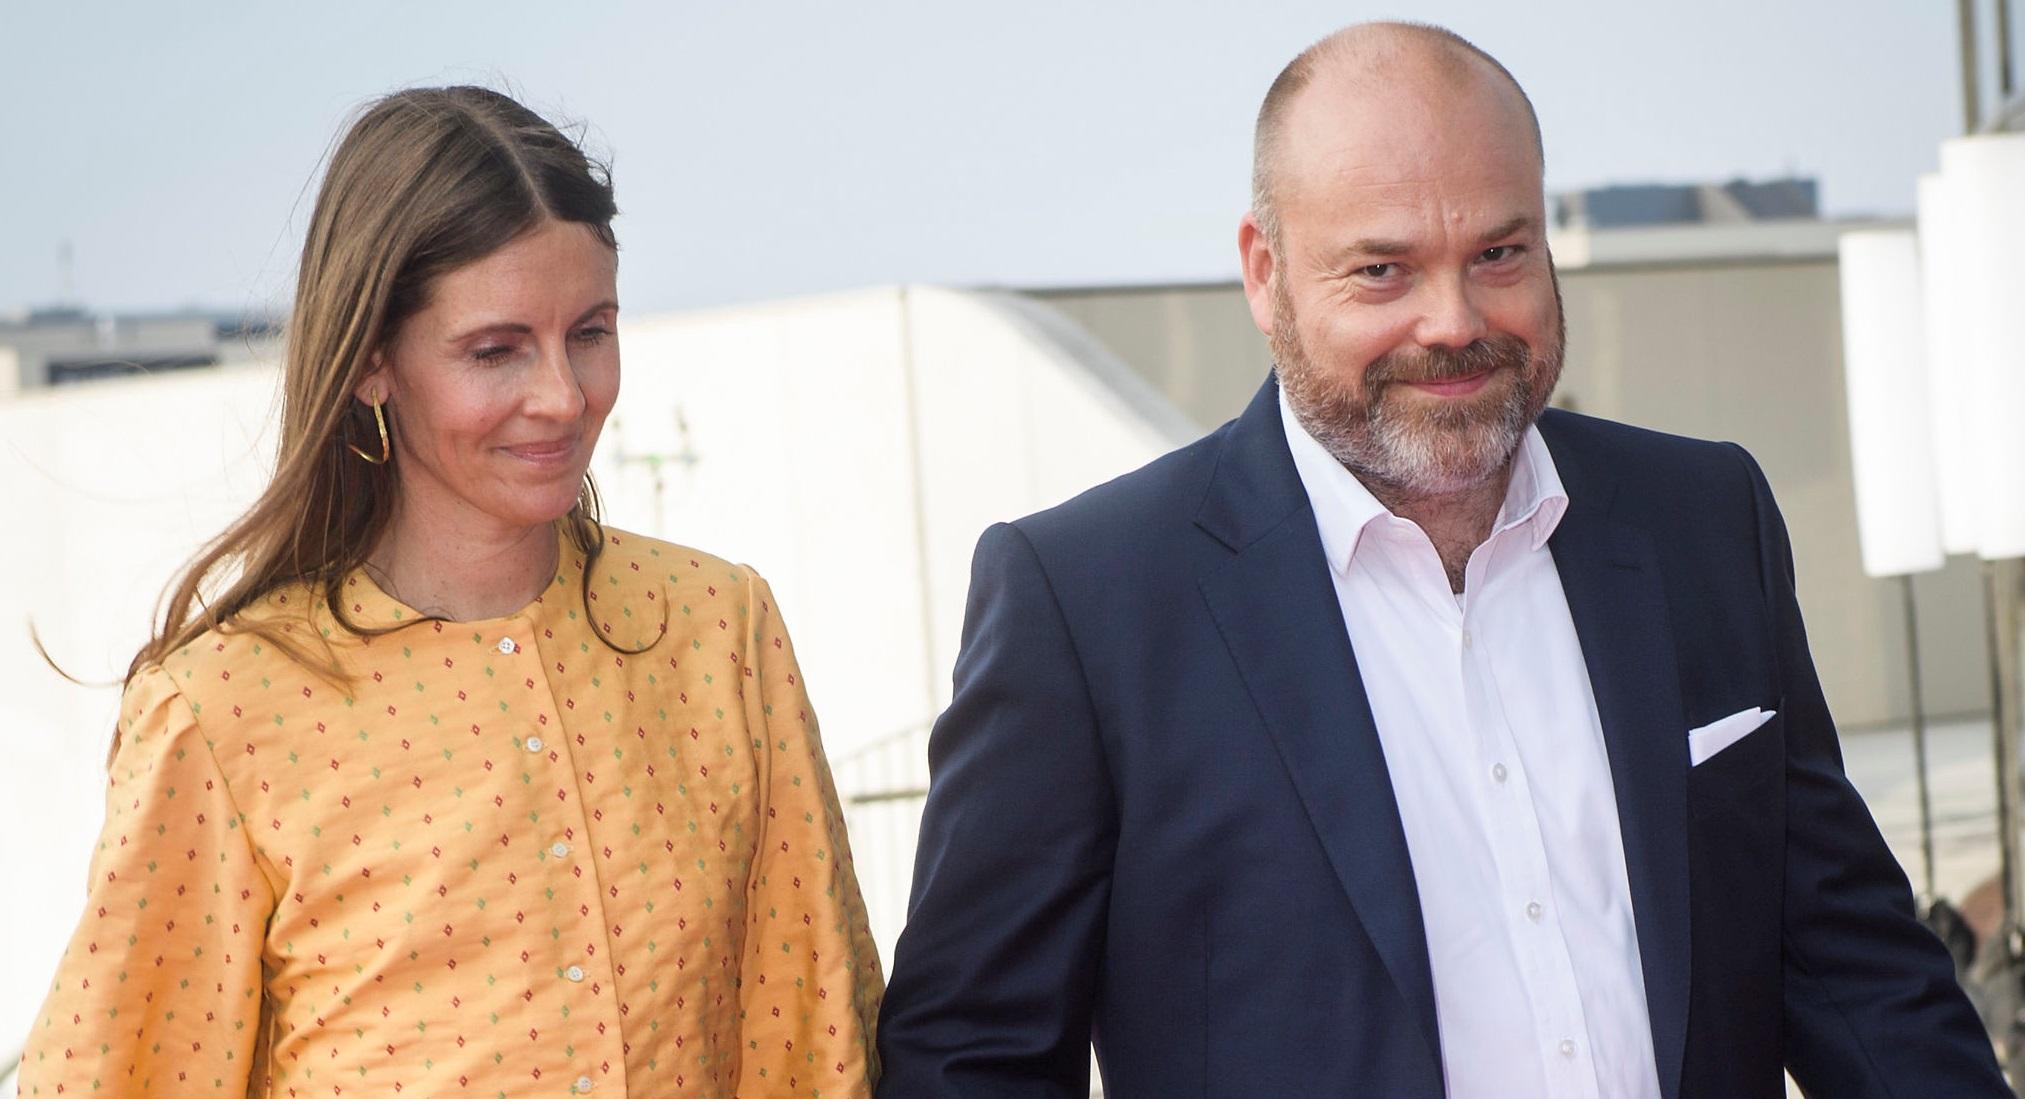 Właściciel ASOS i Zalando napisał SMS-a do Duńczyków. Potwierdził, że stracił troje dzieci